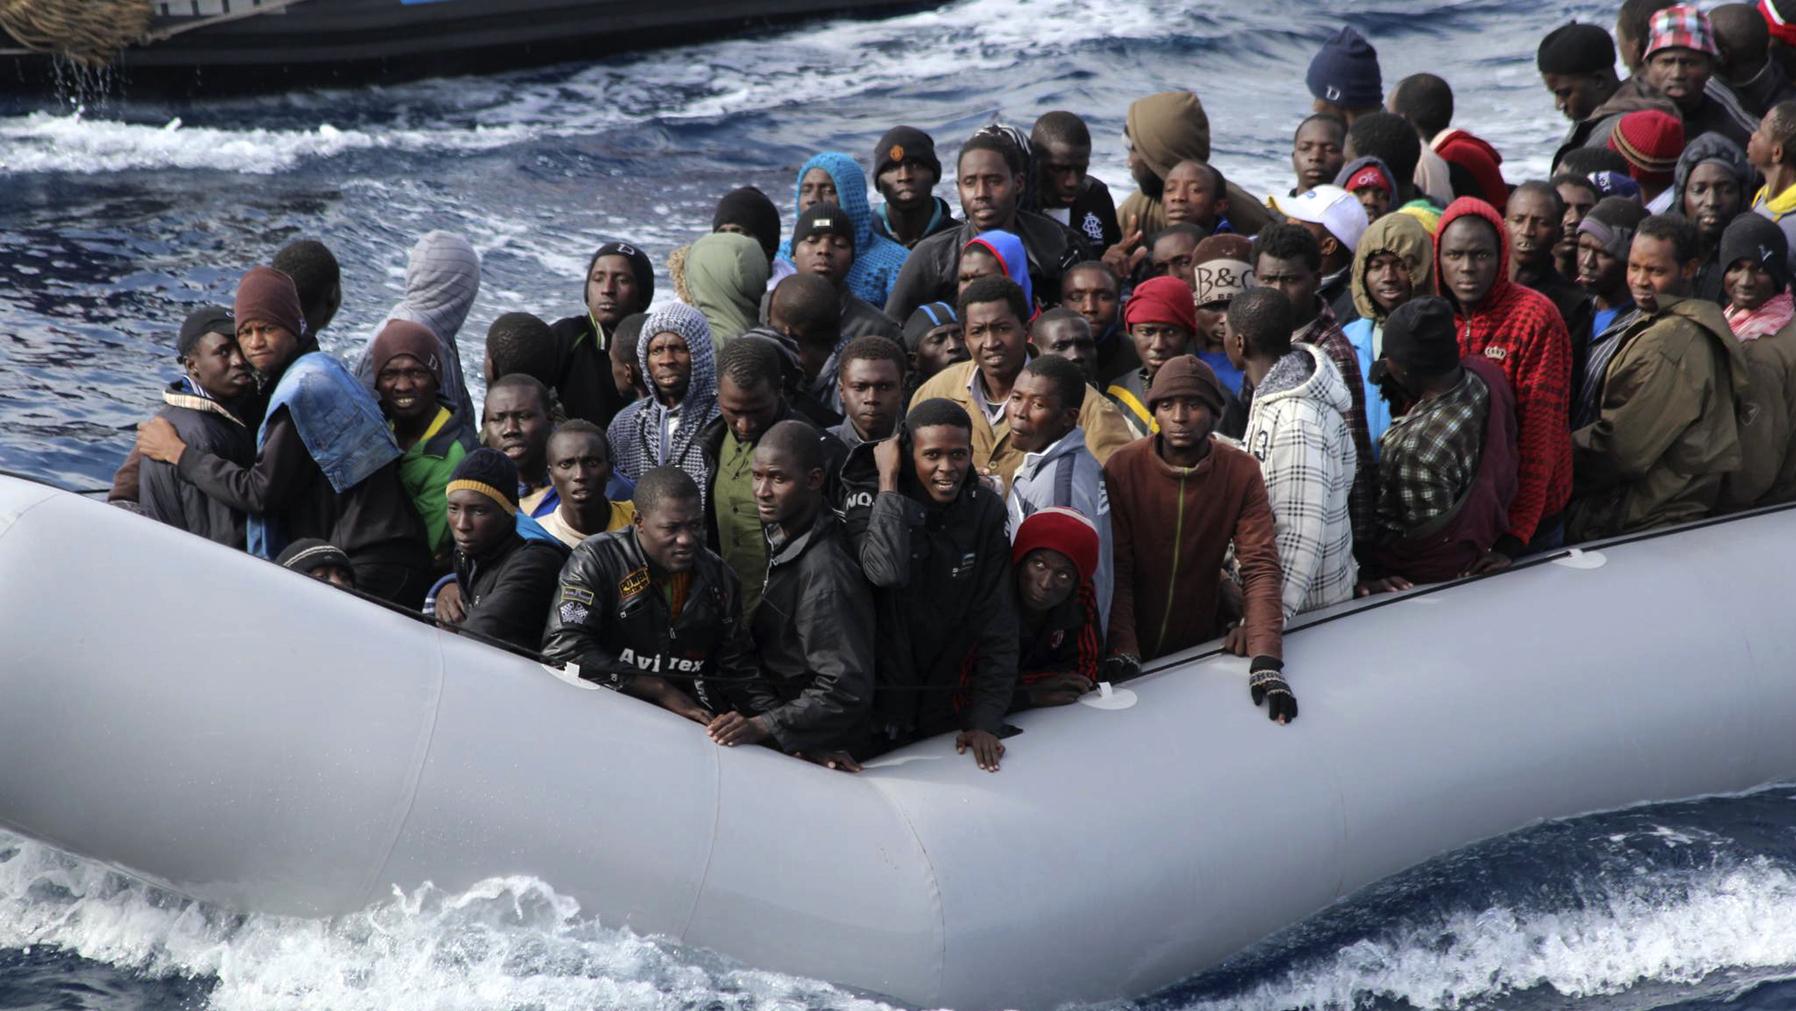 منظمة ألمانية تنقذ 64 مهاجرا قبالة ليبيا